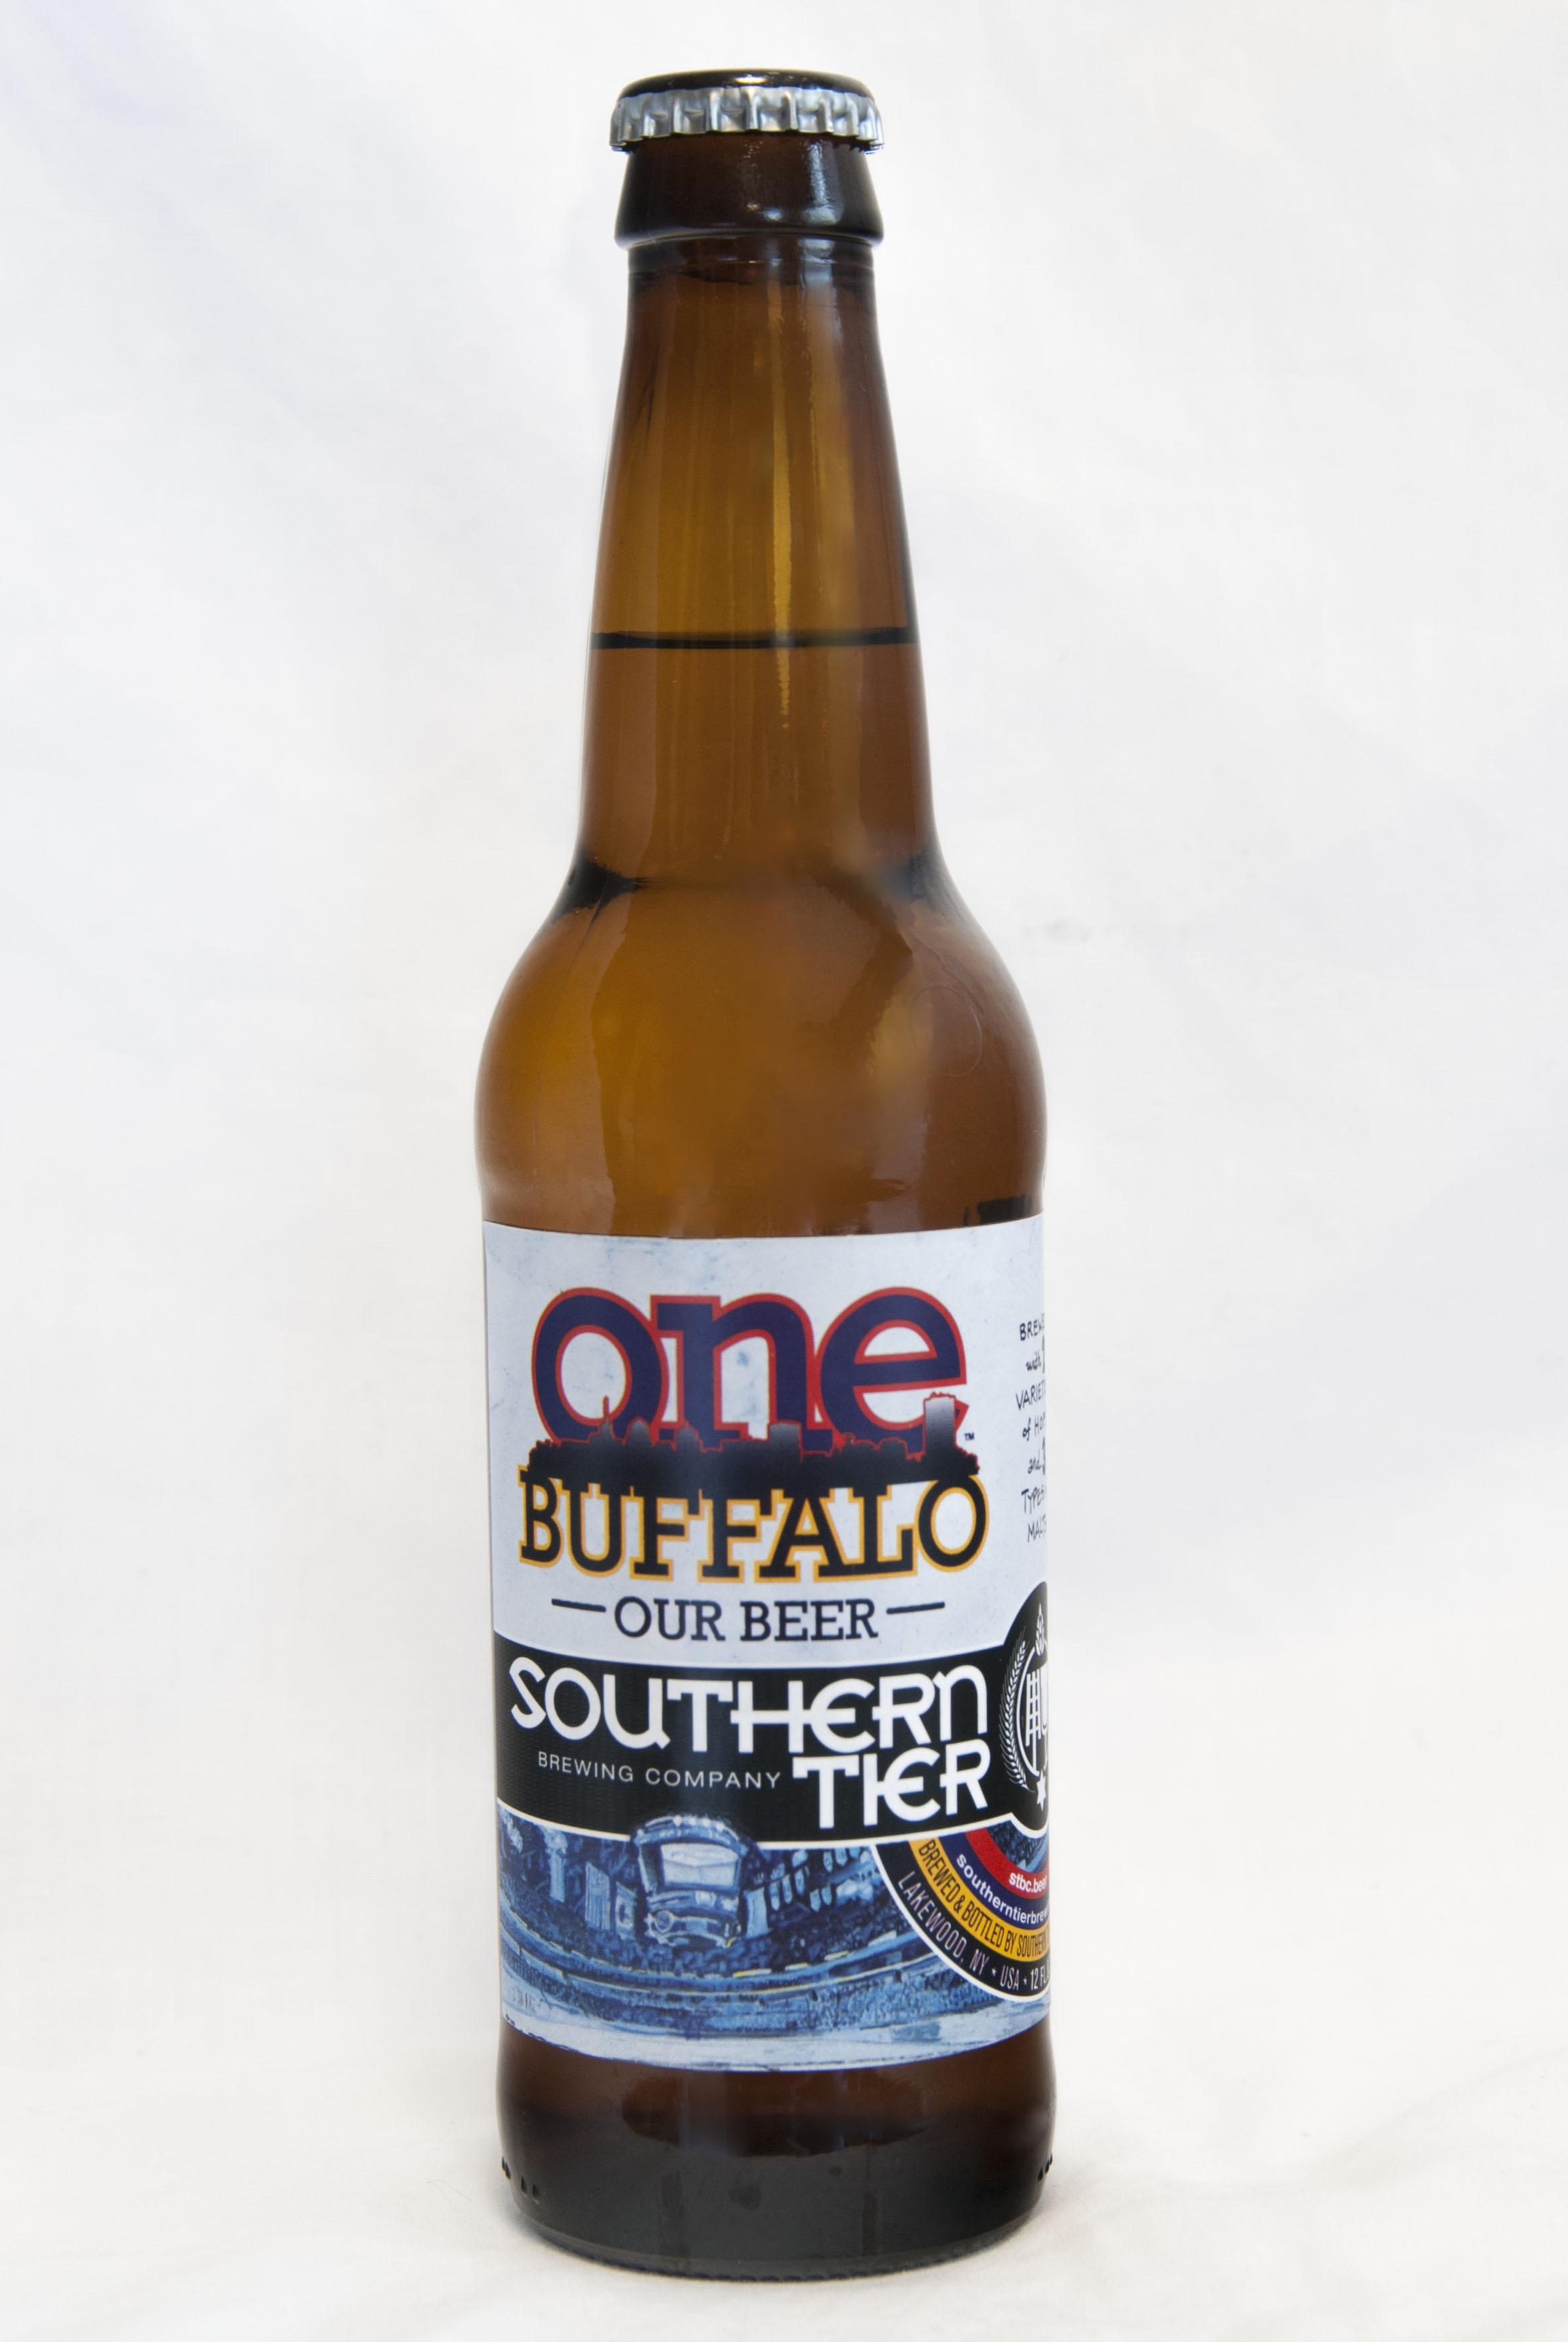 buffalo tier